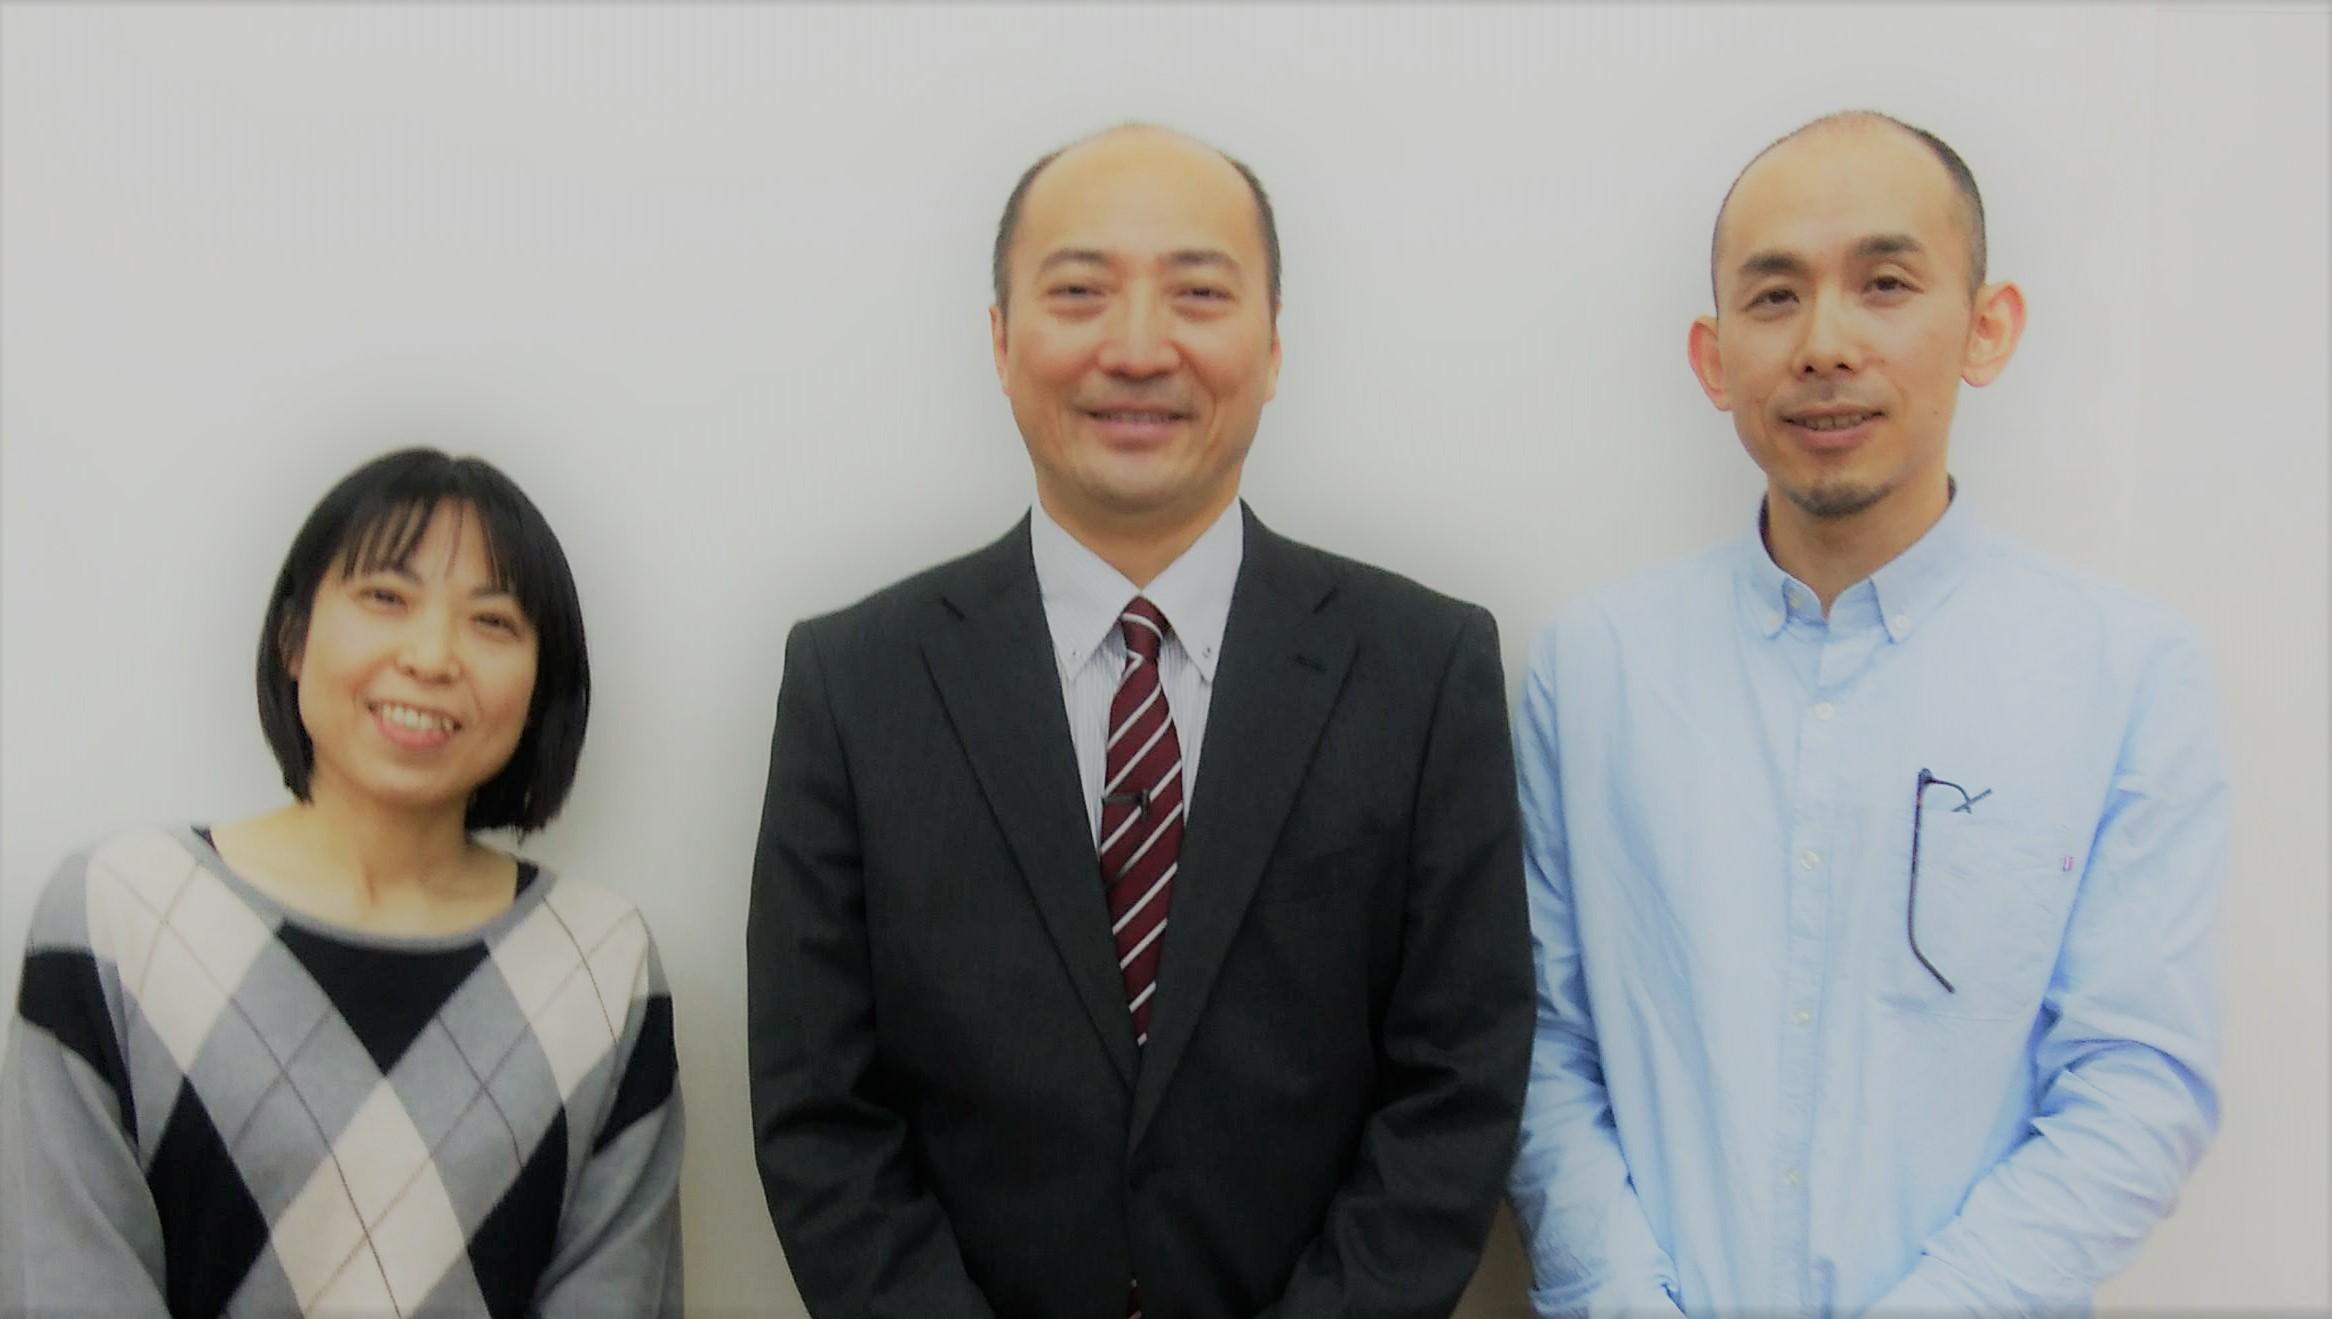 中戸川先生の食育オンラインセミナー開催します/市原市ちはら台/整体院ホーピスト